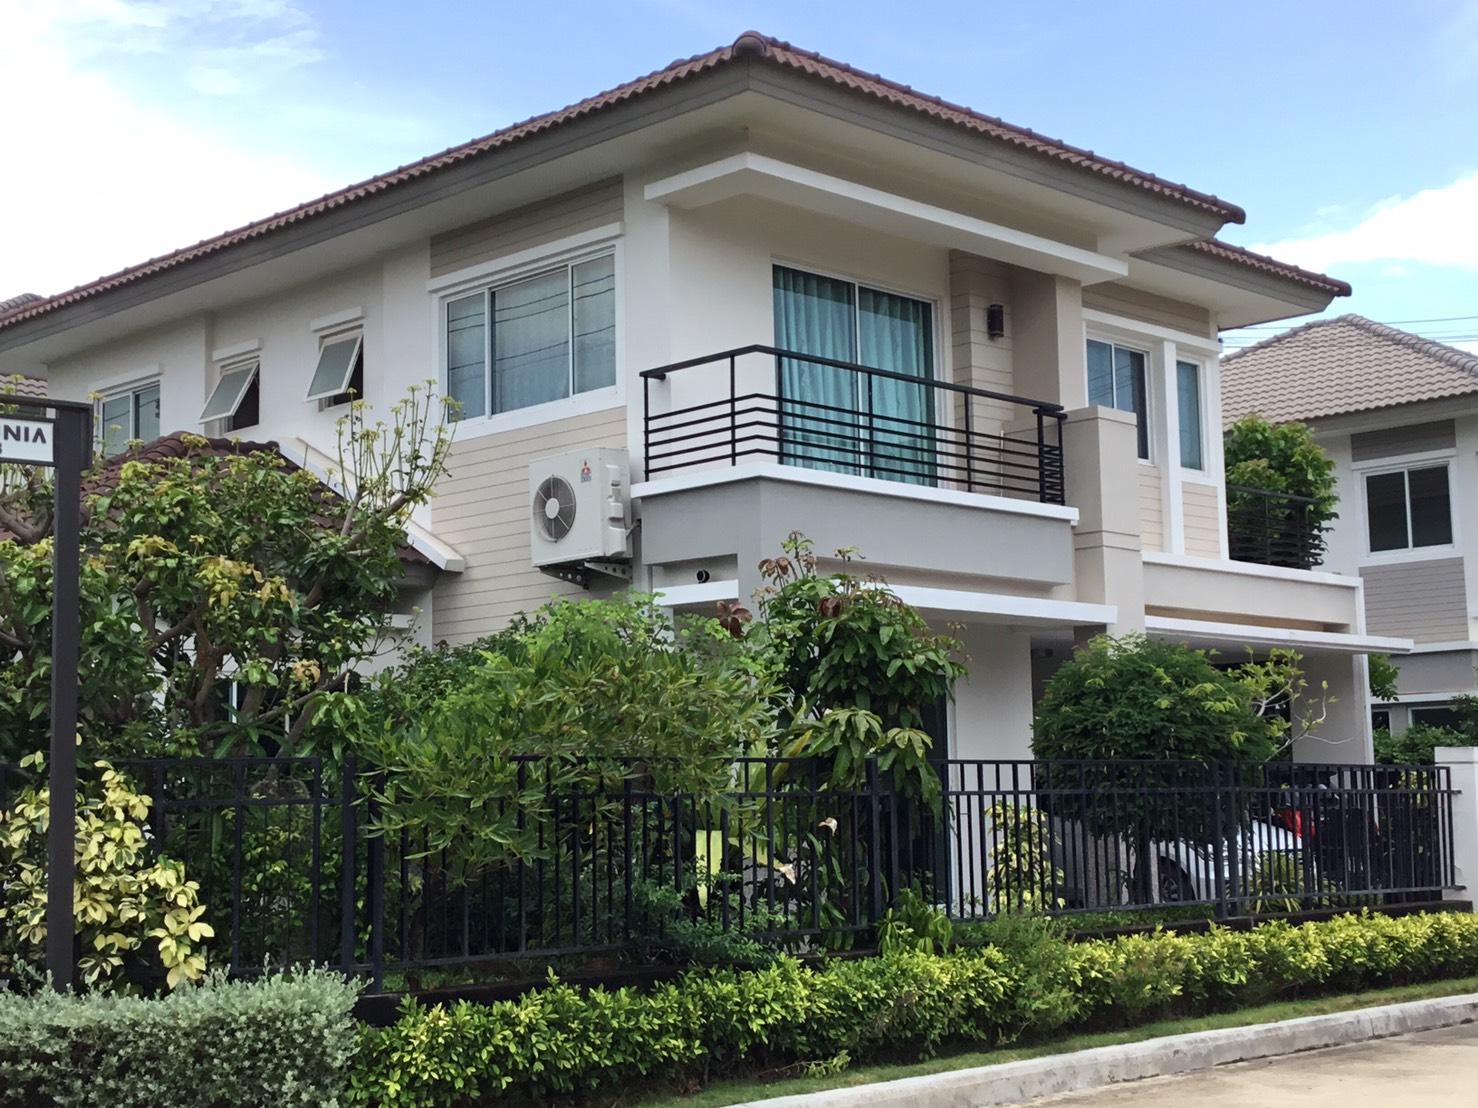 ขายด่วน !!! บ้านเดี่ยว 2 ชั้น ราคาถูก หลังมุม สภาพดีมาก เดอะแกรนด์ พระราม 2 โซนอินฟีเนีย พื้นที่ 72.4 ตรว.